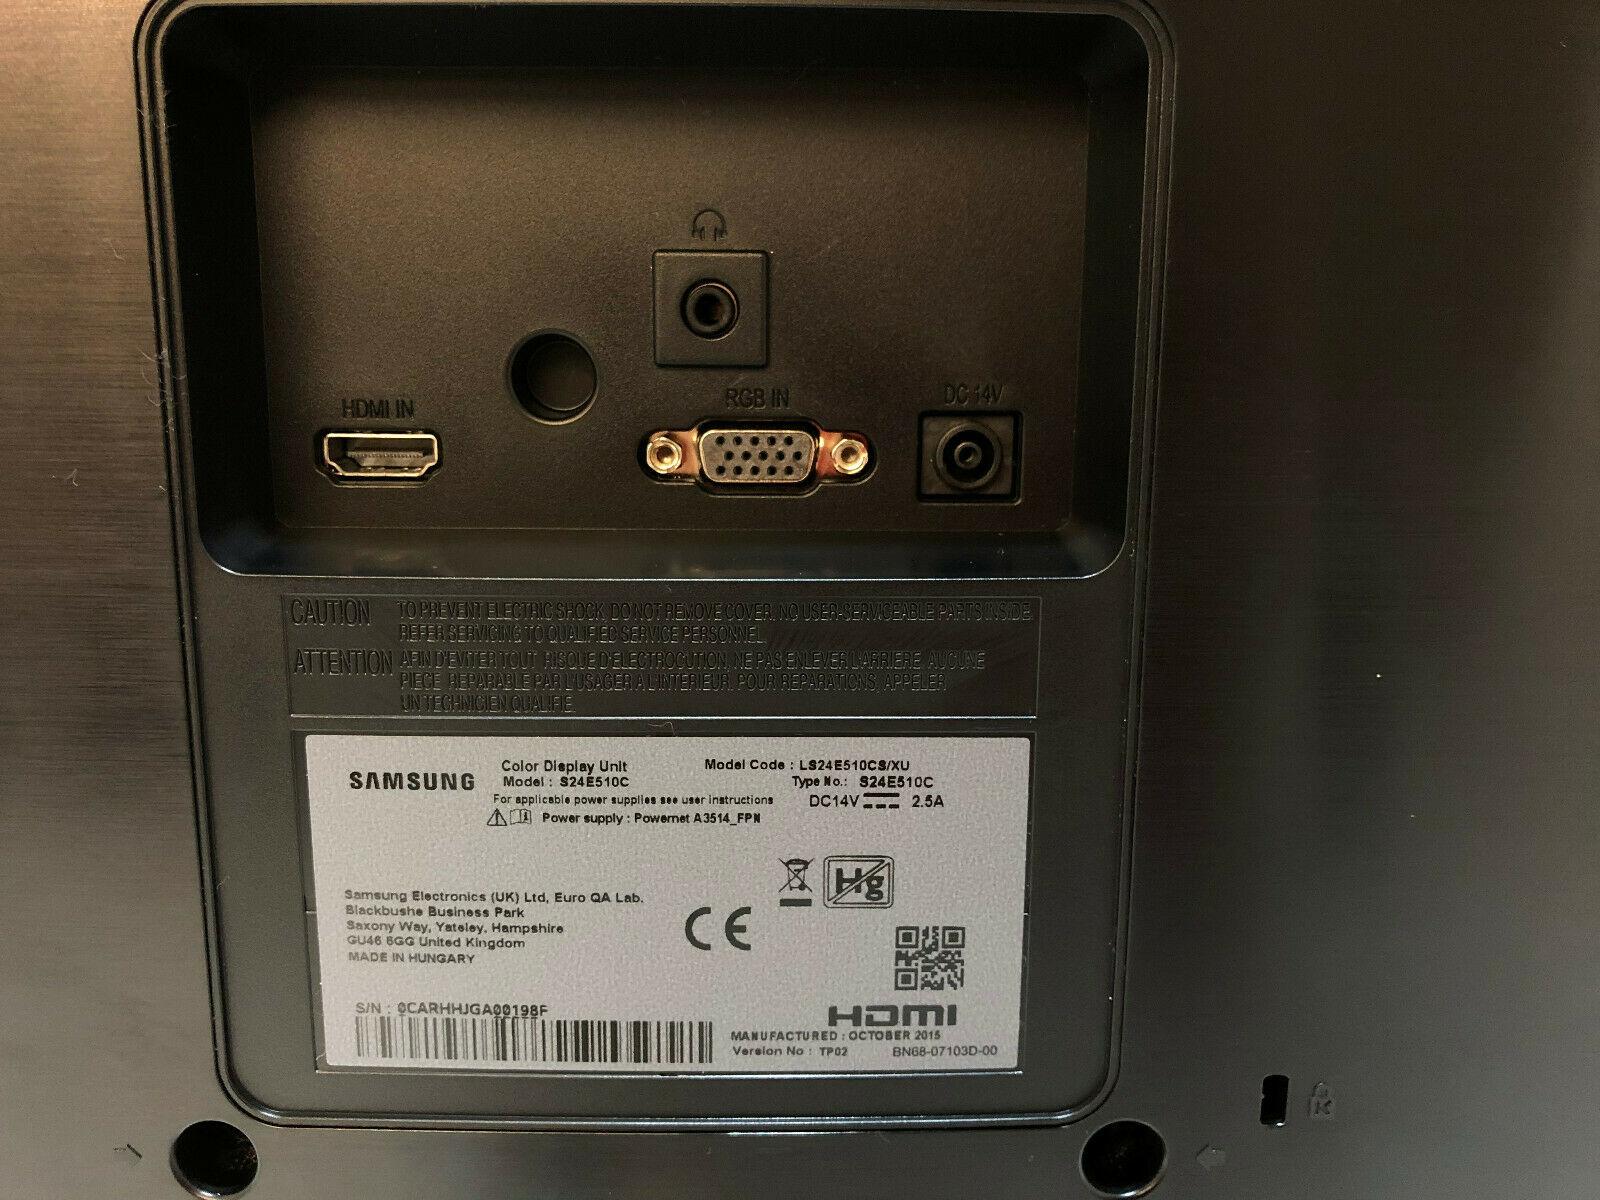 Samsung S24E510c No 6